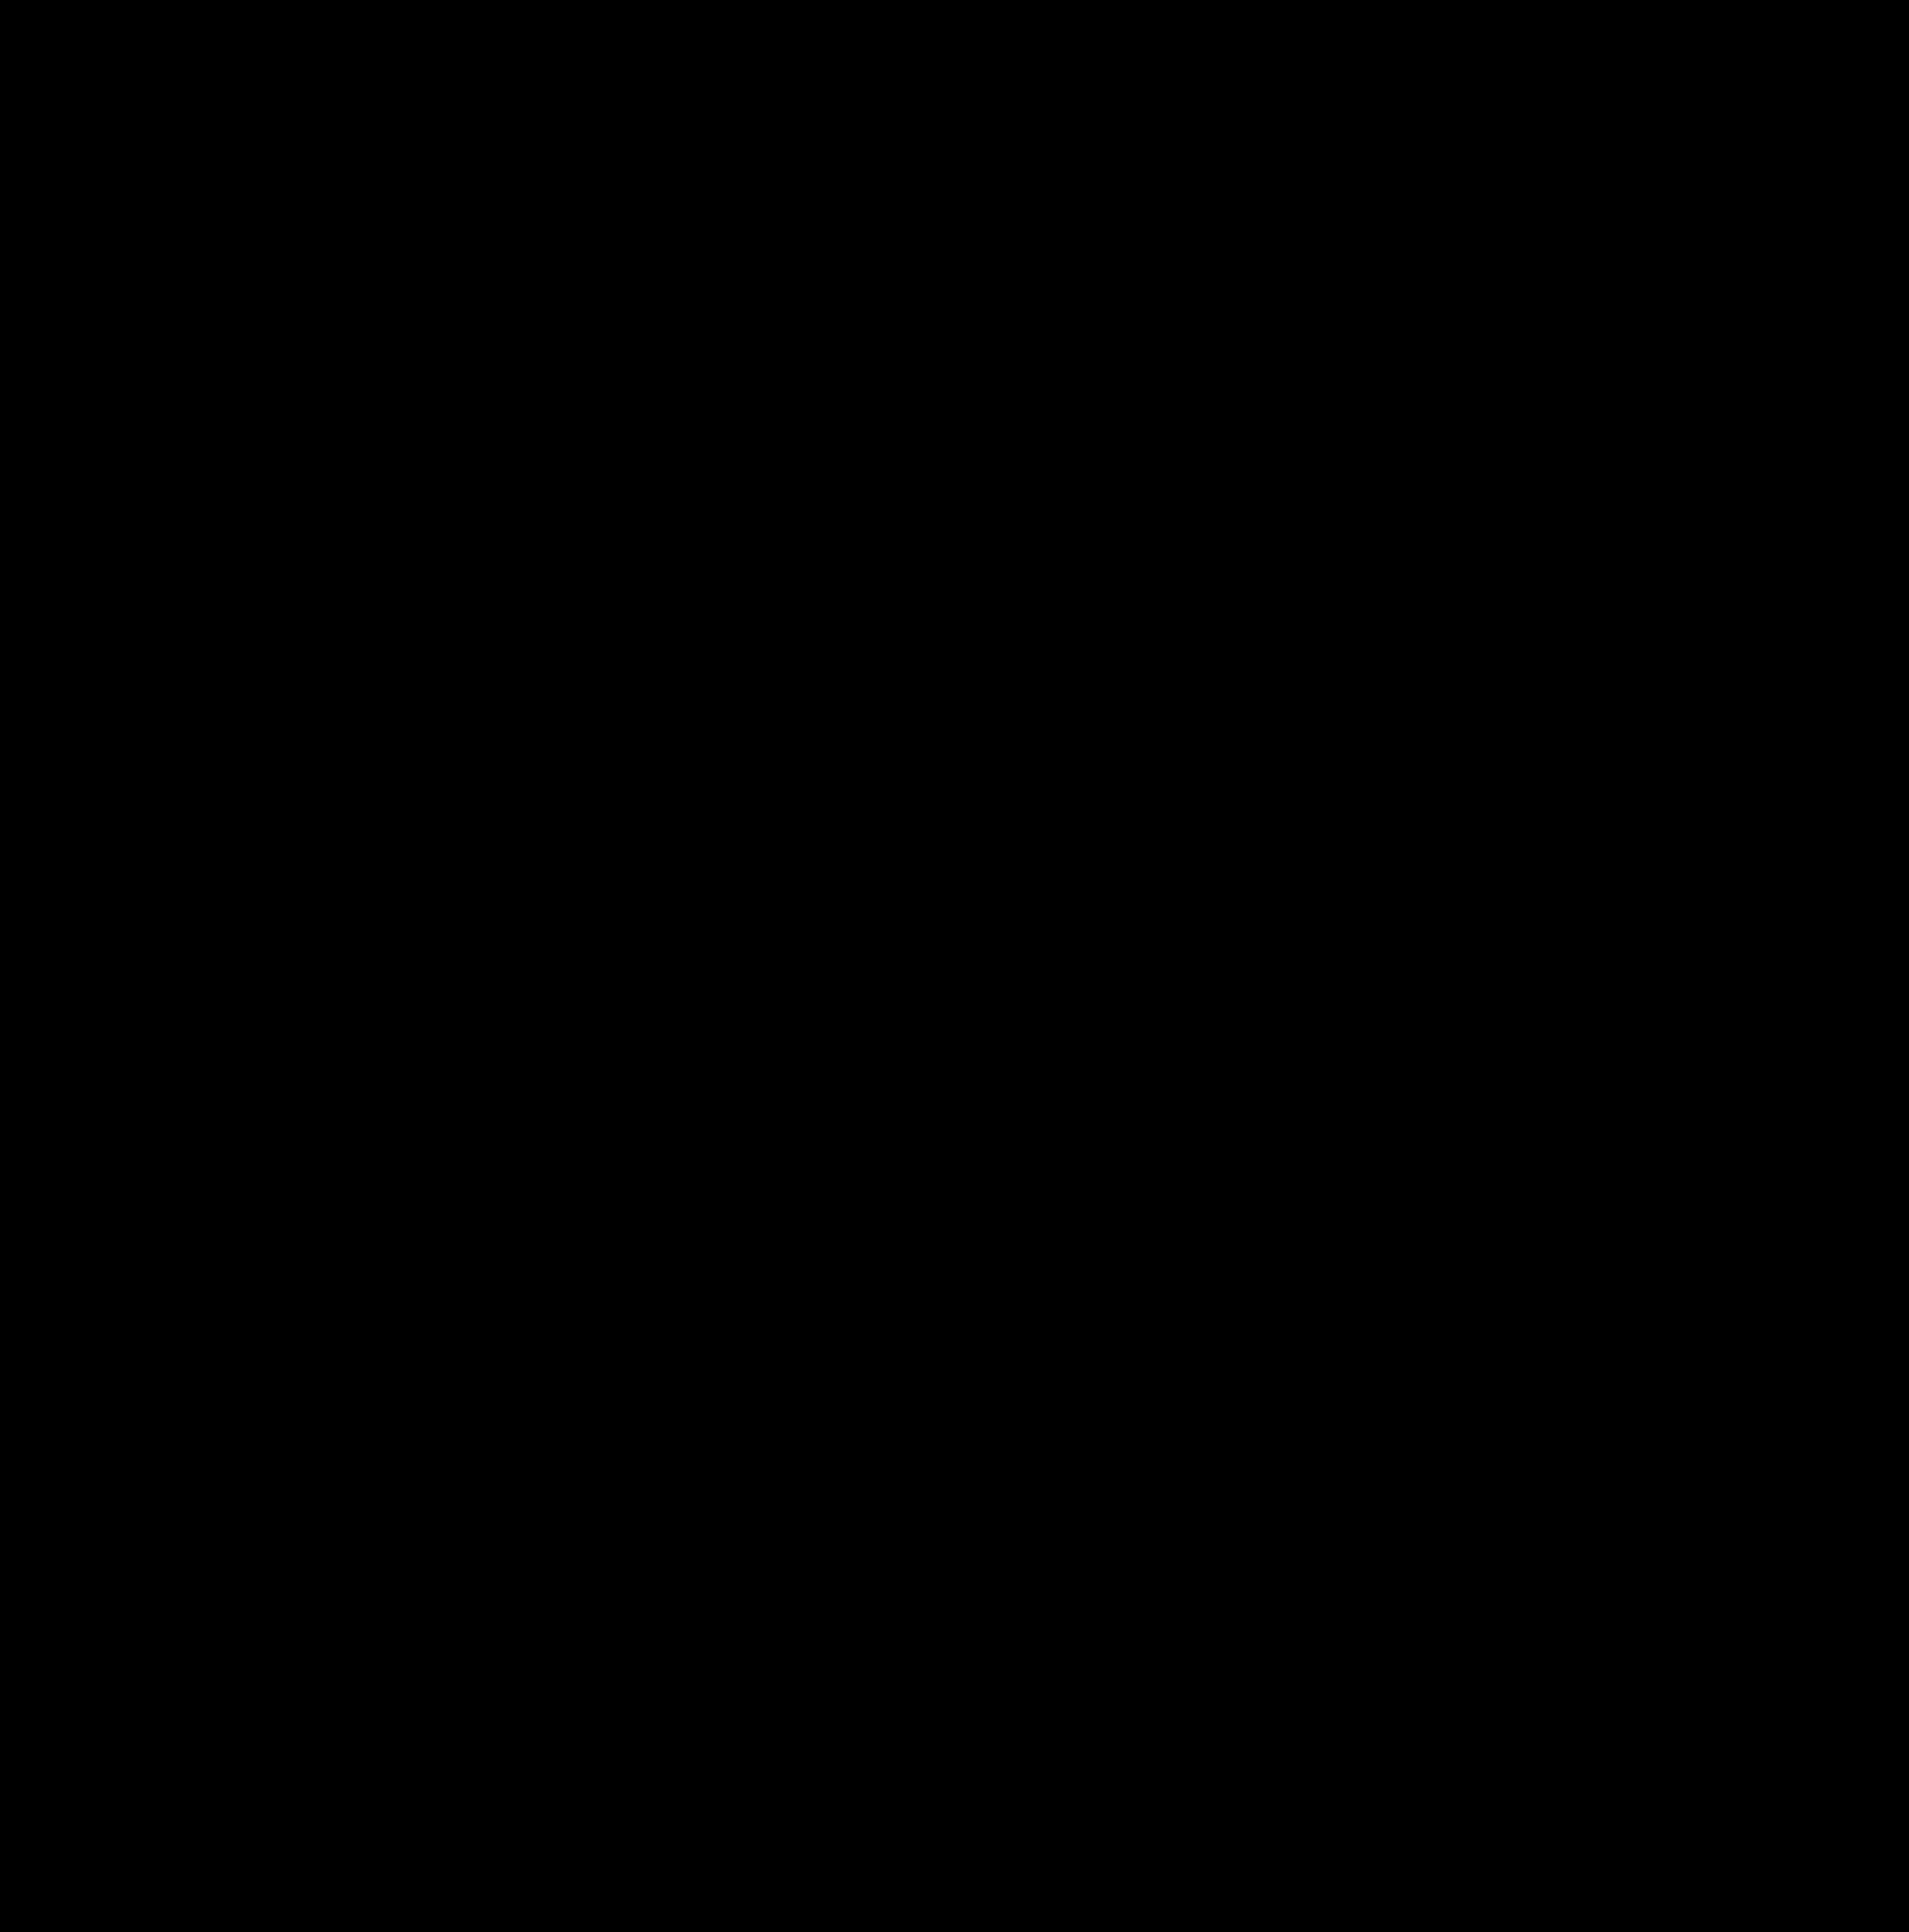 Flower ring frame vector clipart image.